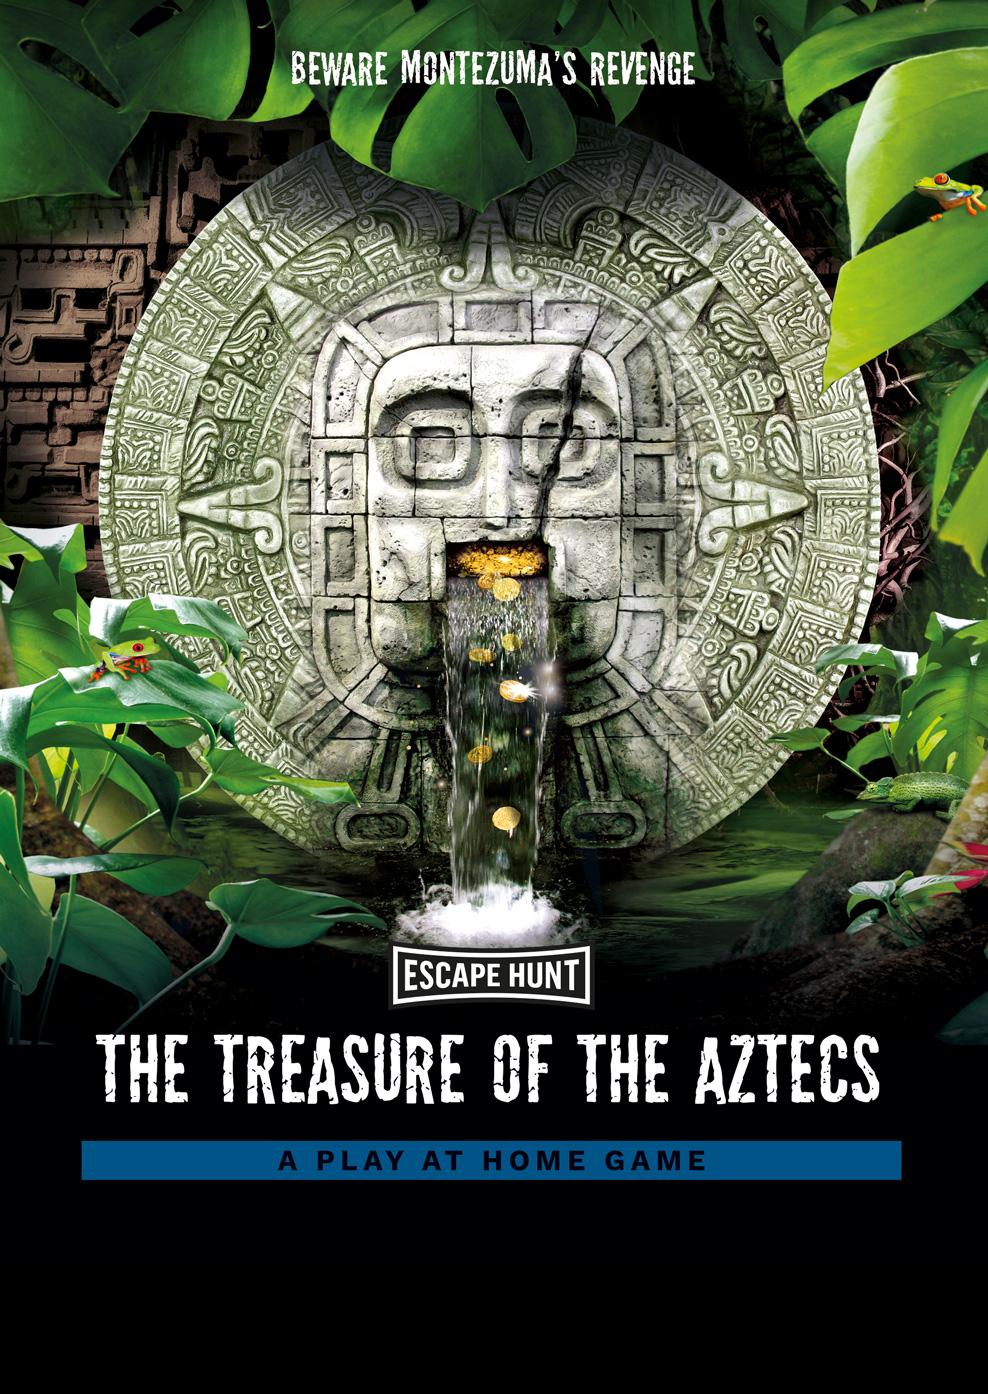 Aztecs Local Games Poster